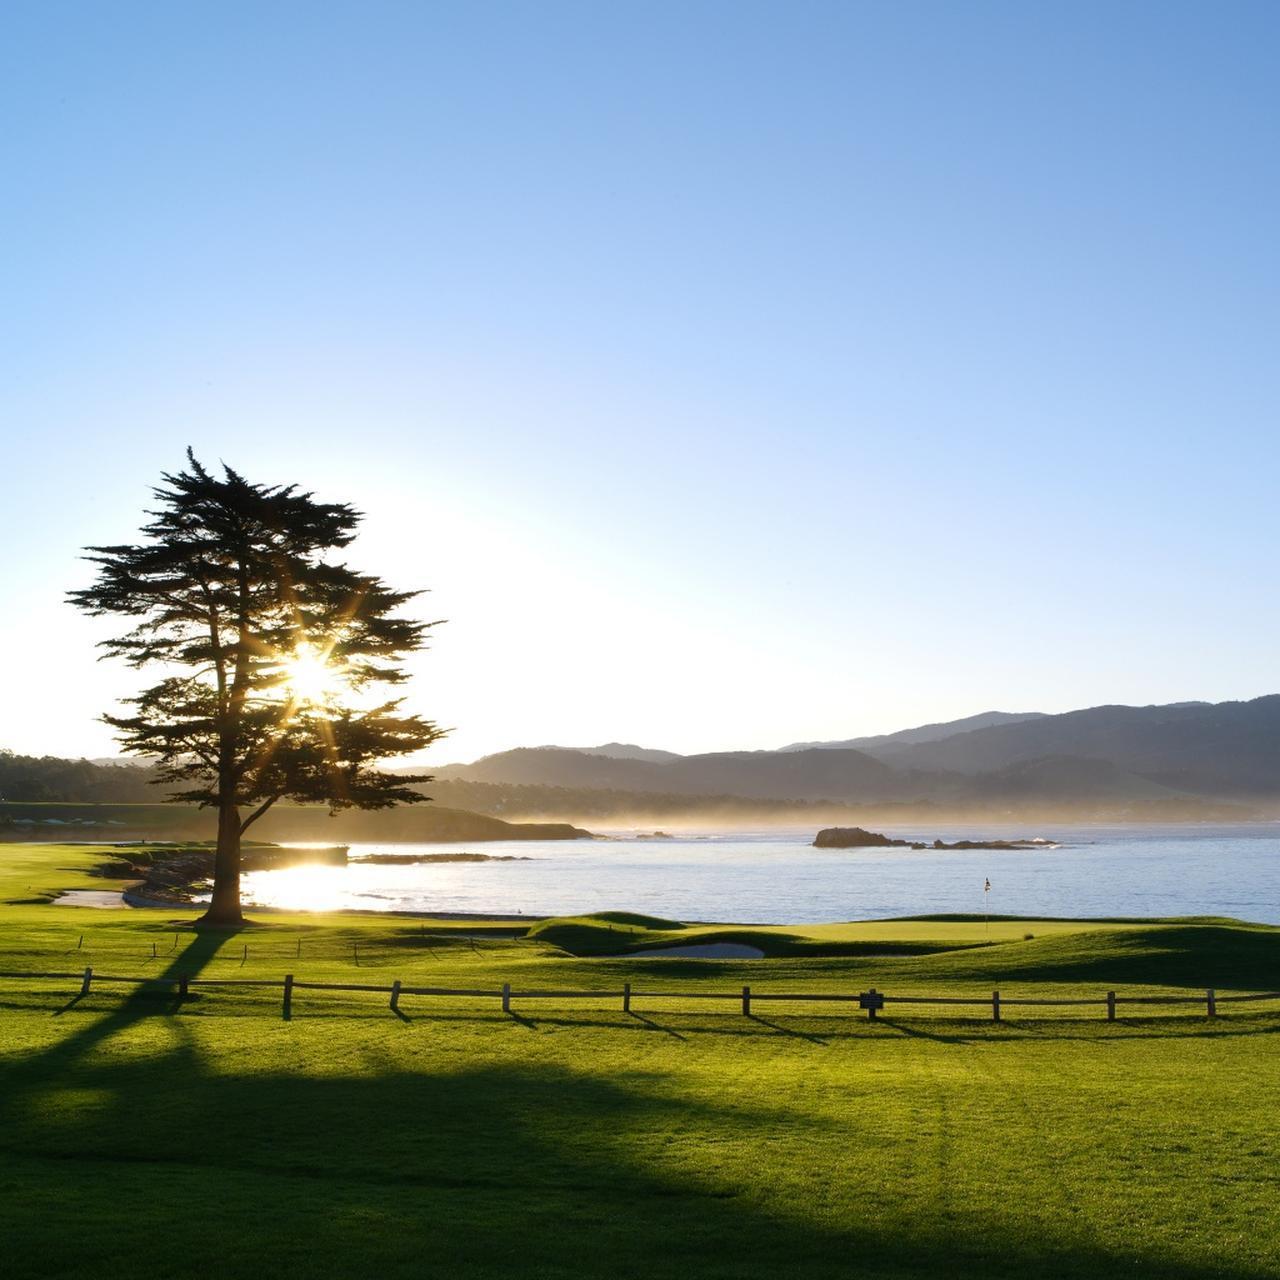 画像: 【知ってるようで知らなかった】モントレー半島。世界のゴルファーが憧れるペブルビーチと名コース - ゴルフへ行こうWEB by ゴルフダイジェスト